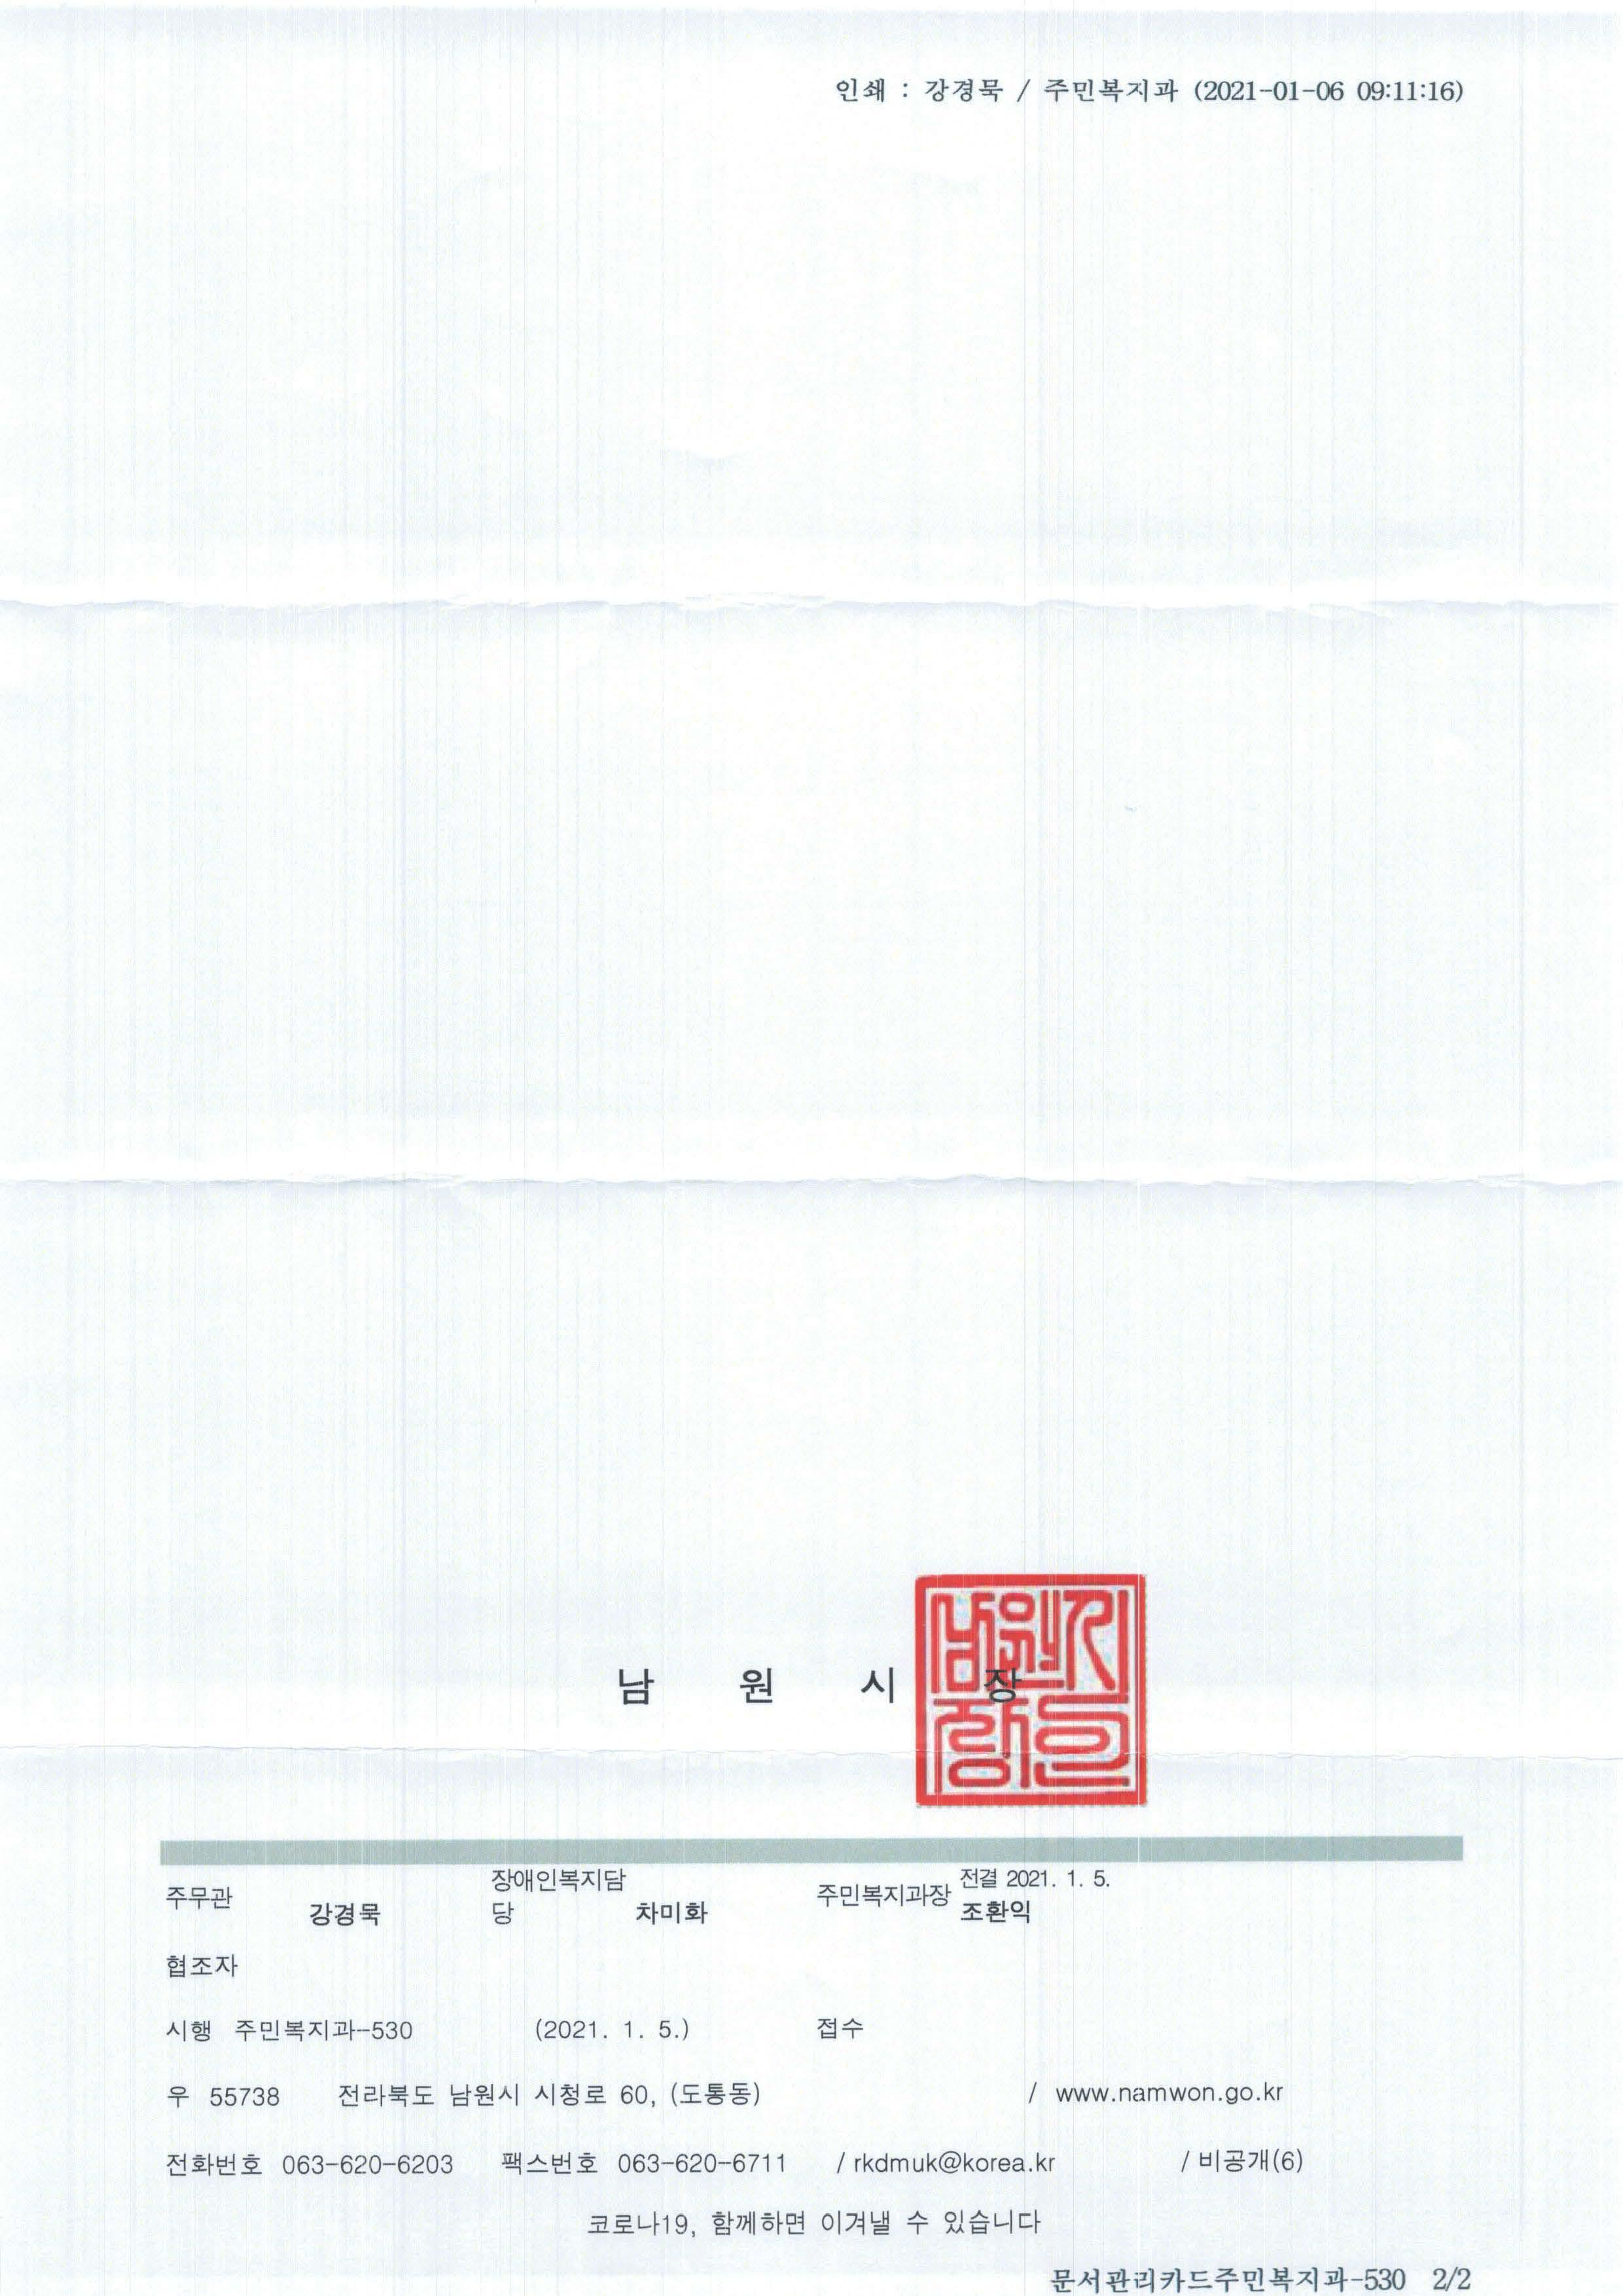 남원시 주민복지과-530(2021.1.5)_남원평화의집 기부체납 회신_페이지_2.jpg